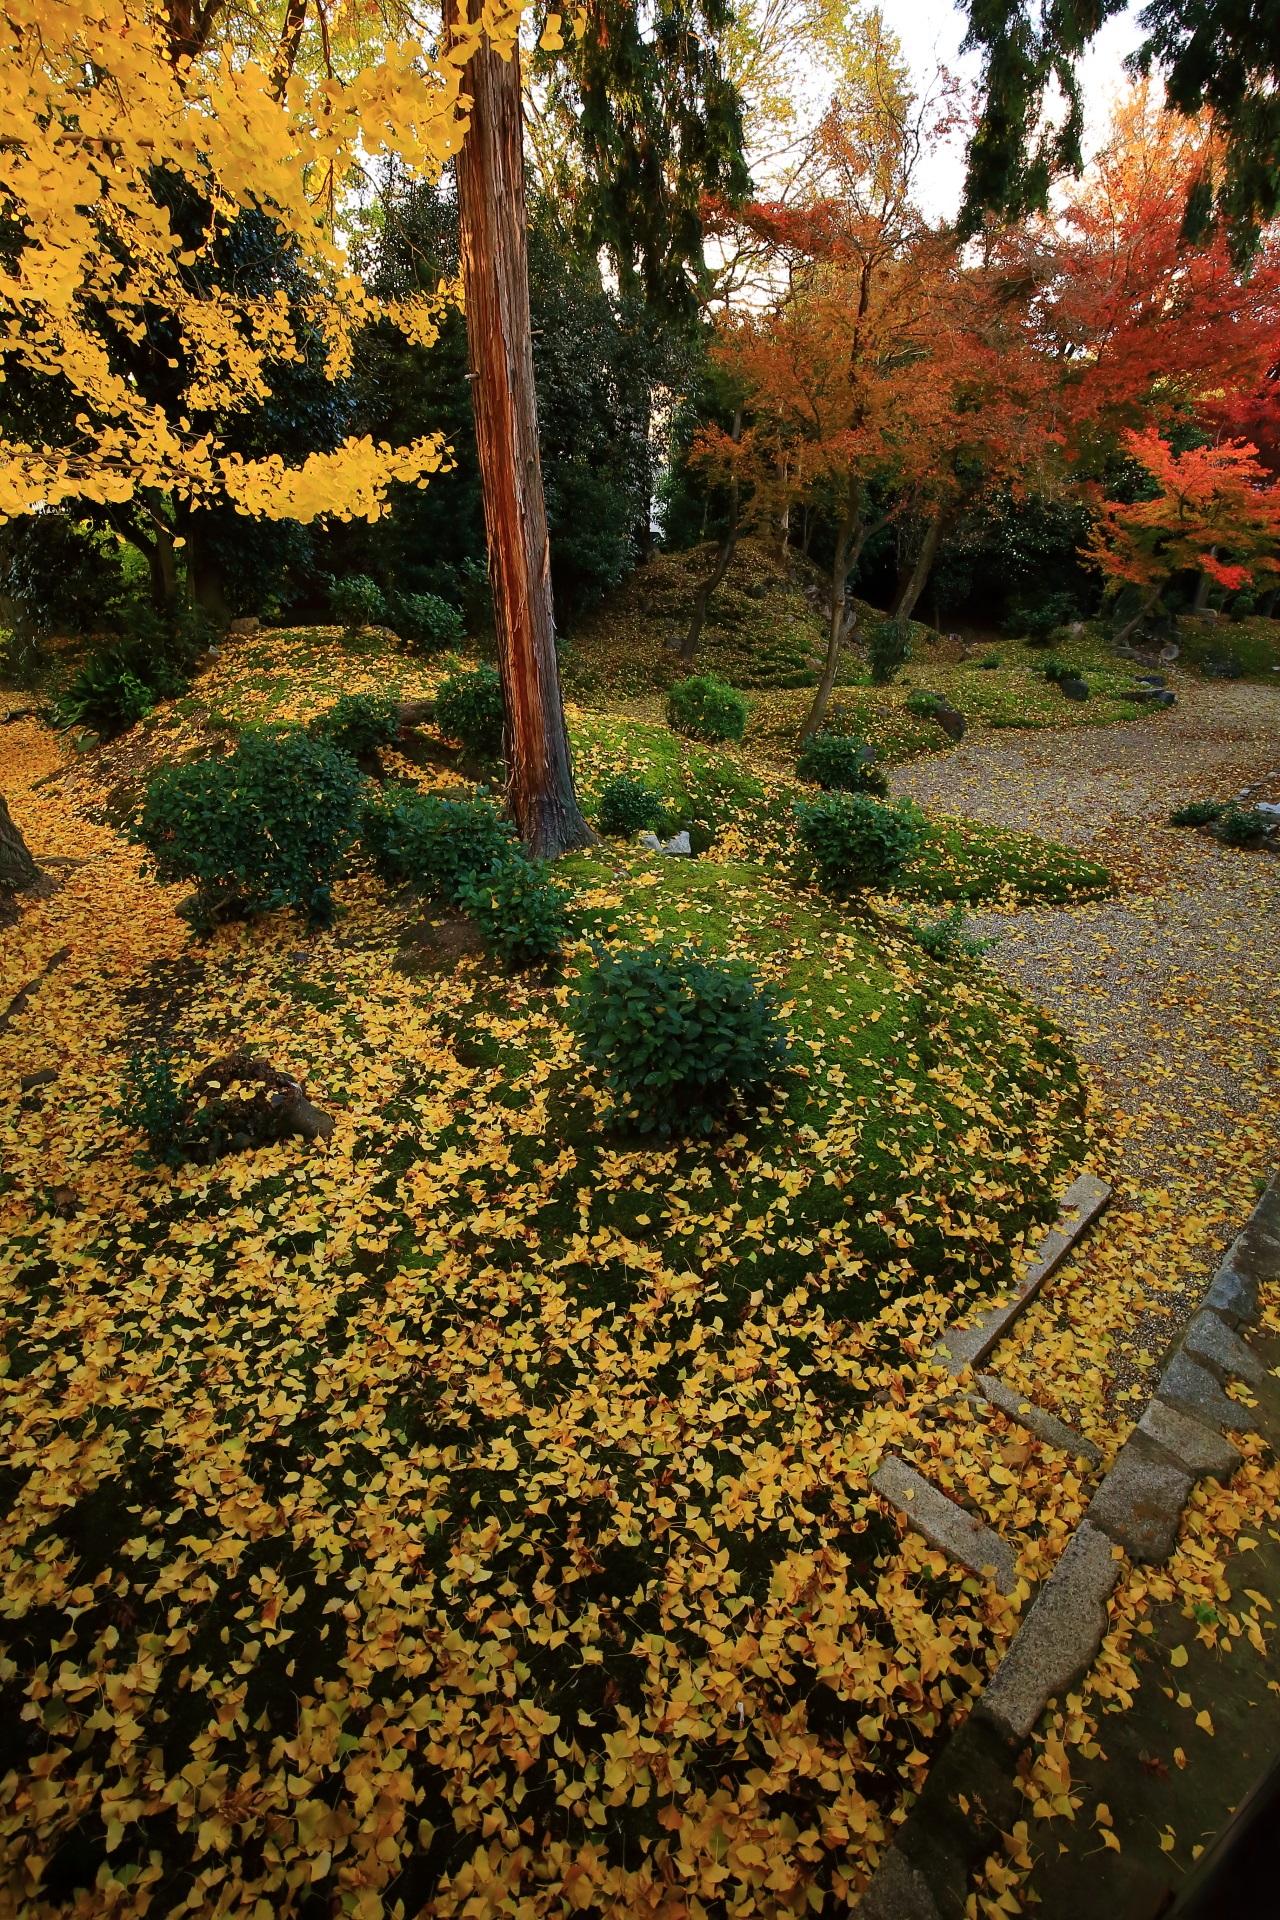 立本寺の素晴らしい散り銀杏や秋の彩り